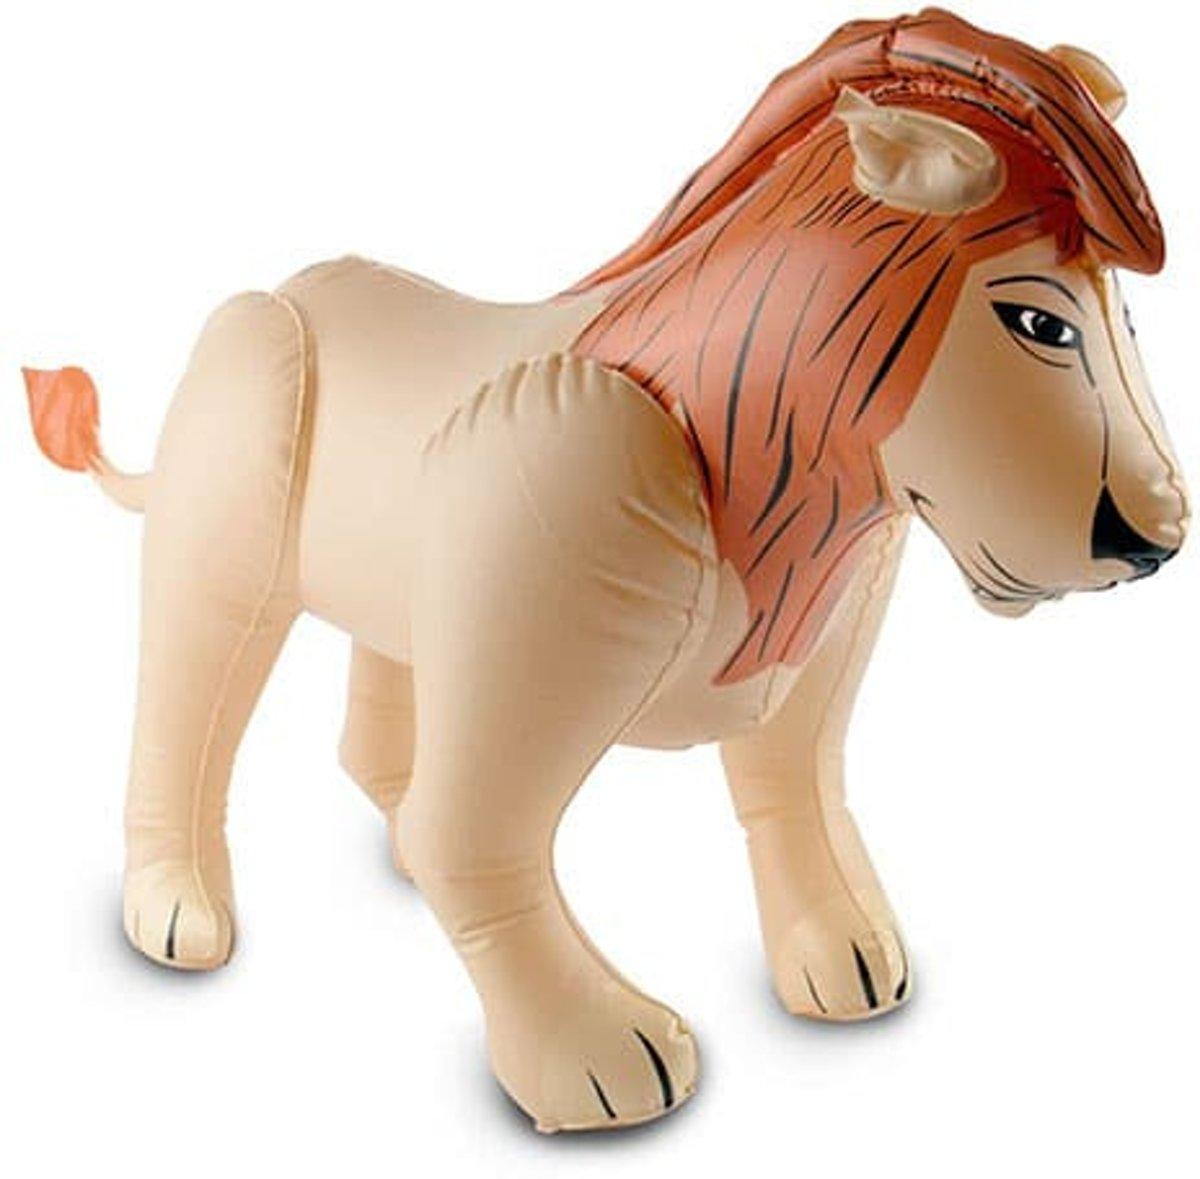 Opblaas leeuw 80 cm kopen